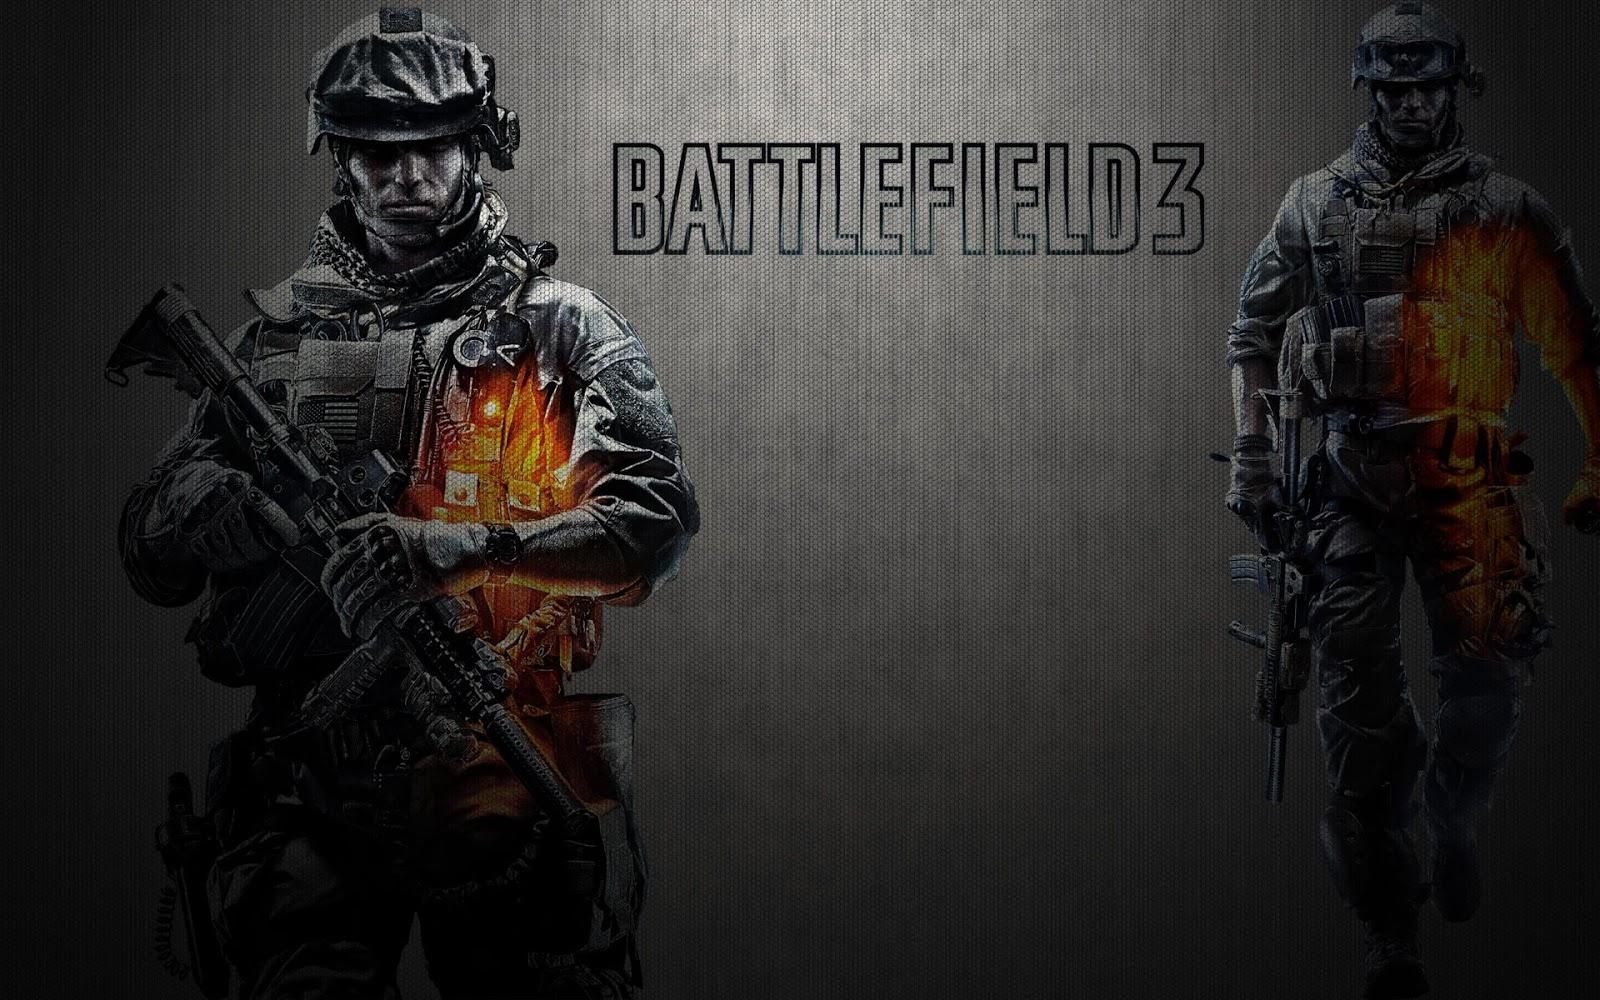 Battlefield 3 wallpaper met soldaten Achtergrond Wallpapers 1600x1000